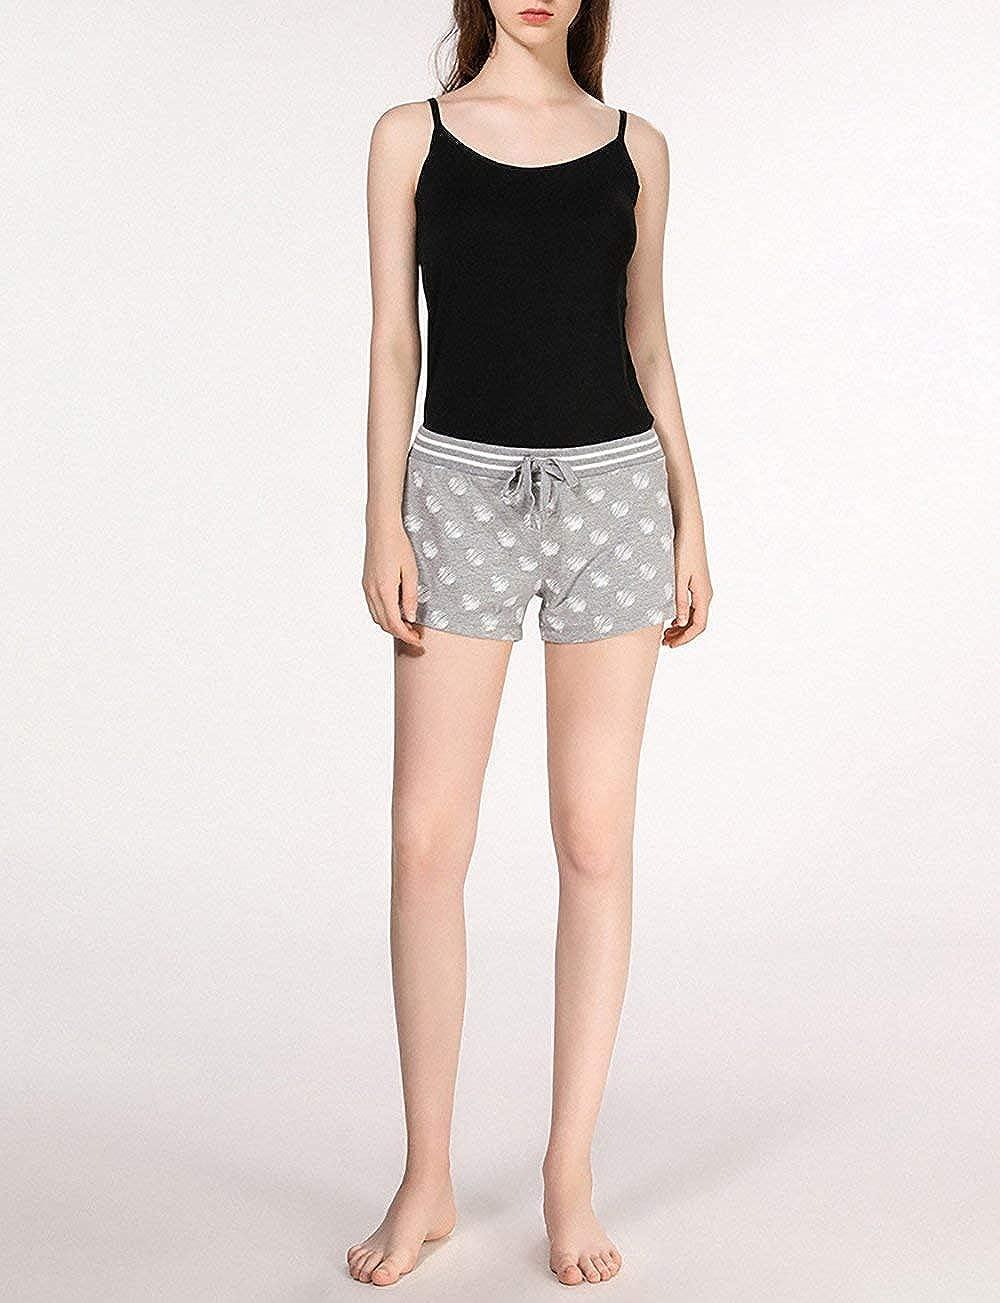 Pantalon De Pyjama Un pour Femmes avec Motif De Tailles Confortables Nuit Boxer Shorts Pantalon D /Ét/é en Coton Pantalons De Sport Shorts Pyjamas Court